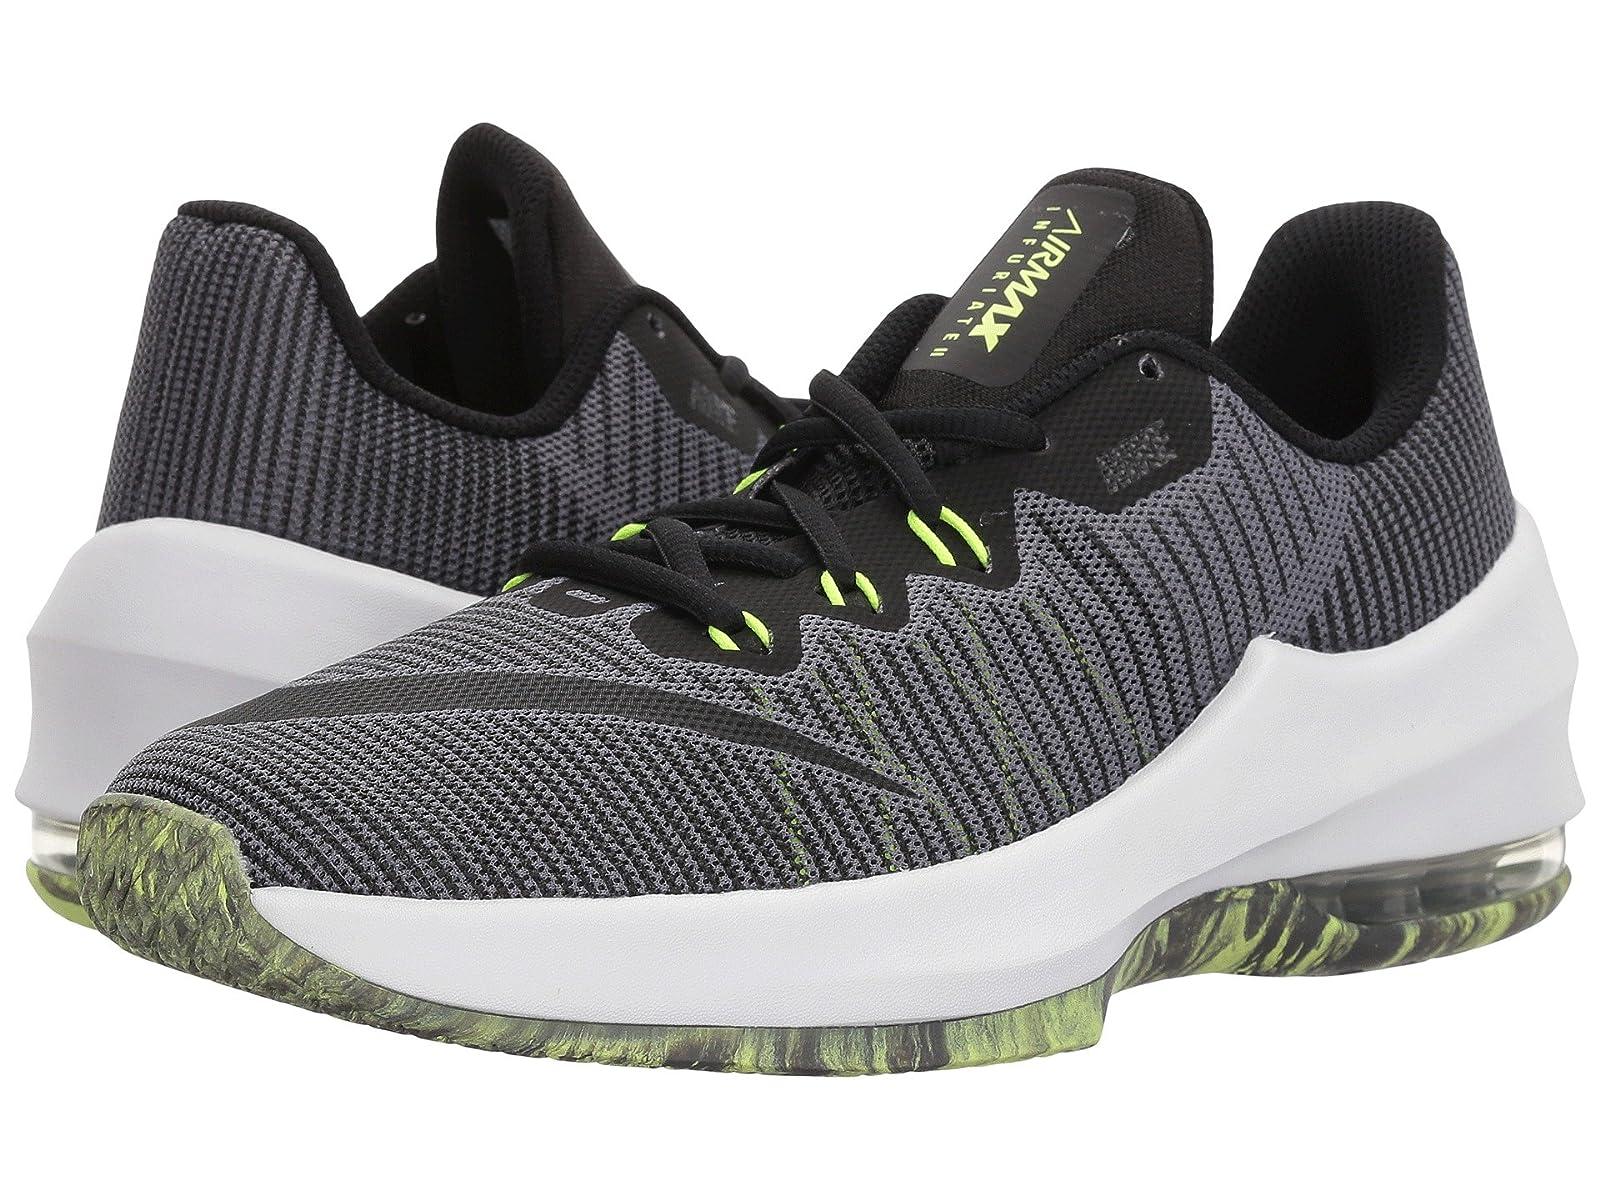 Nike Kids Air Max Infuriate II (Big Kid)Cheap and distinctive eye-catching shoes